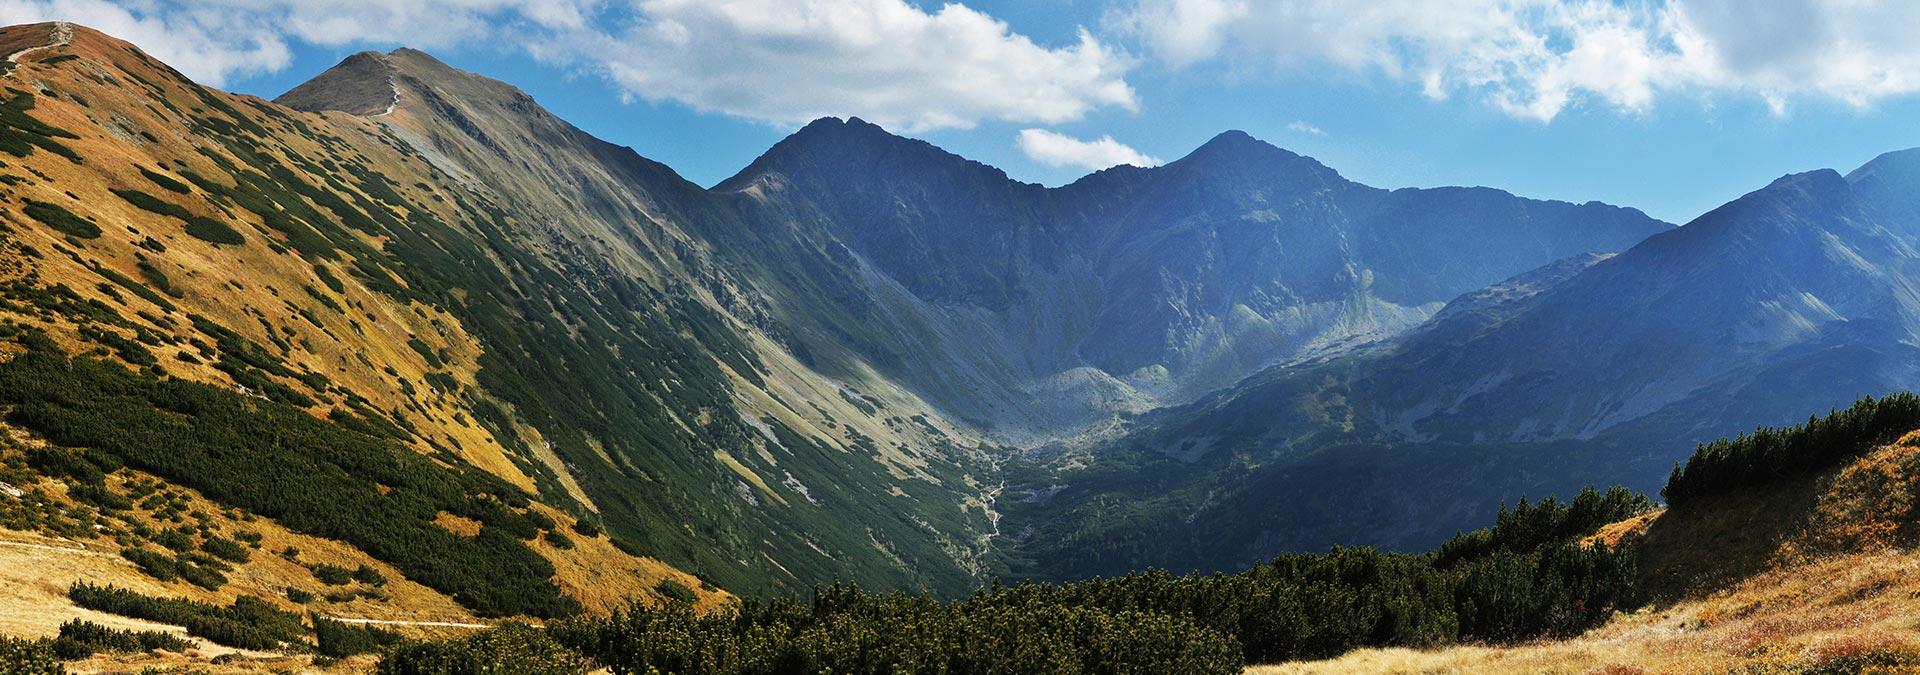 Peak Adventure Tour in Slovak Mountains - Six Amazing Peaks of Slovakia, Slovakia Travel, Location